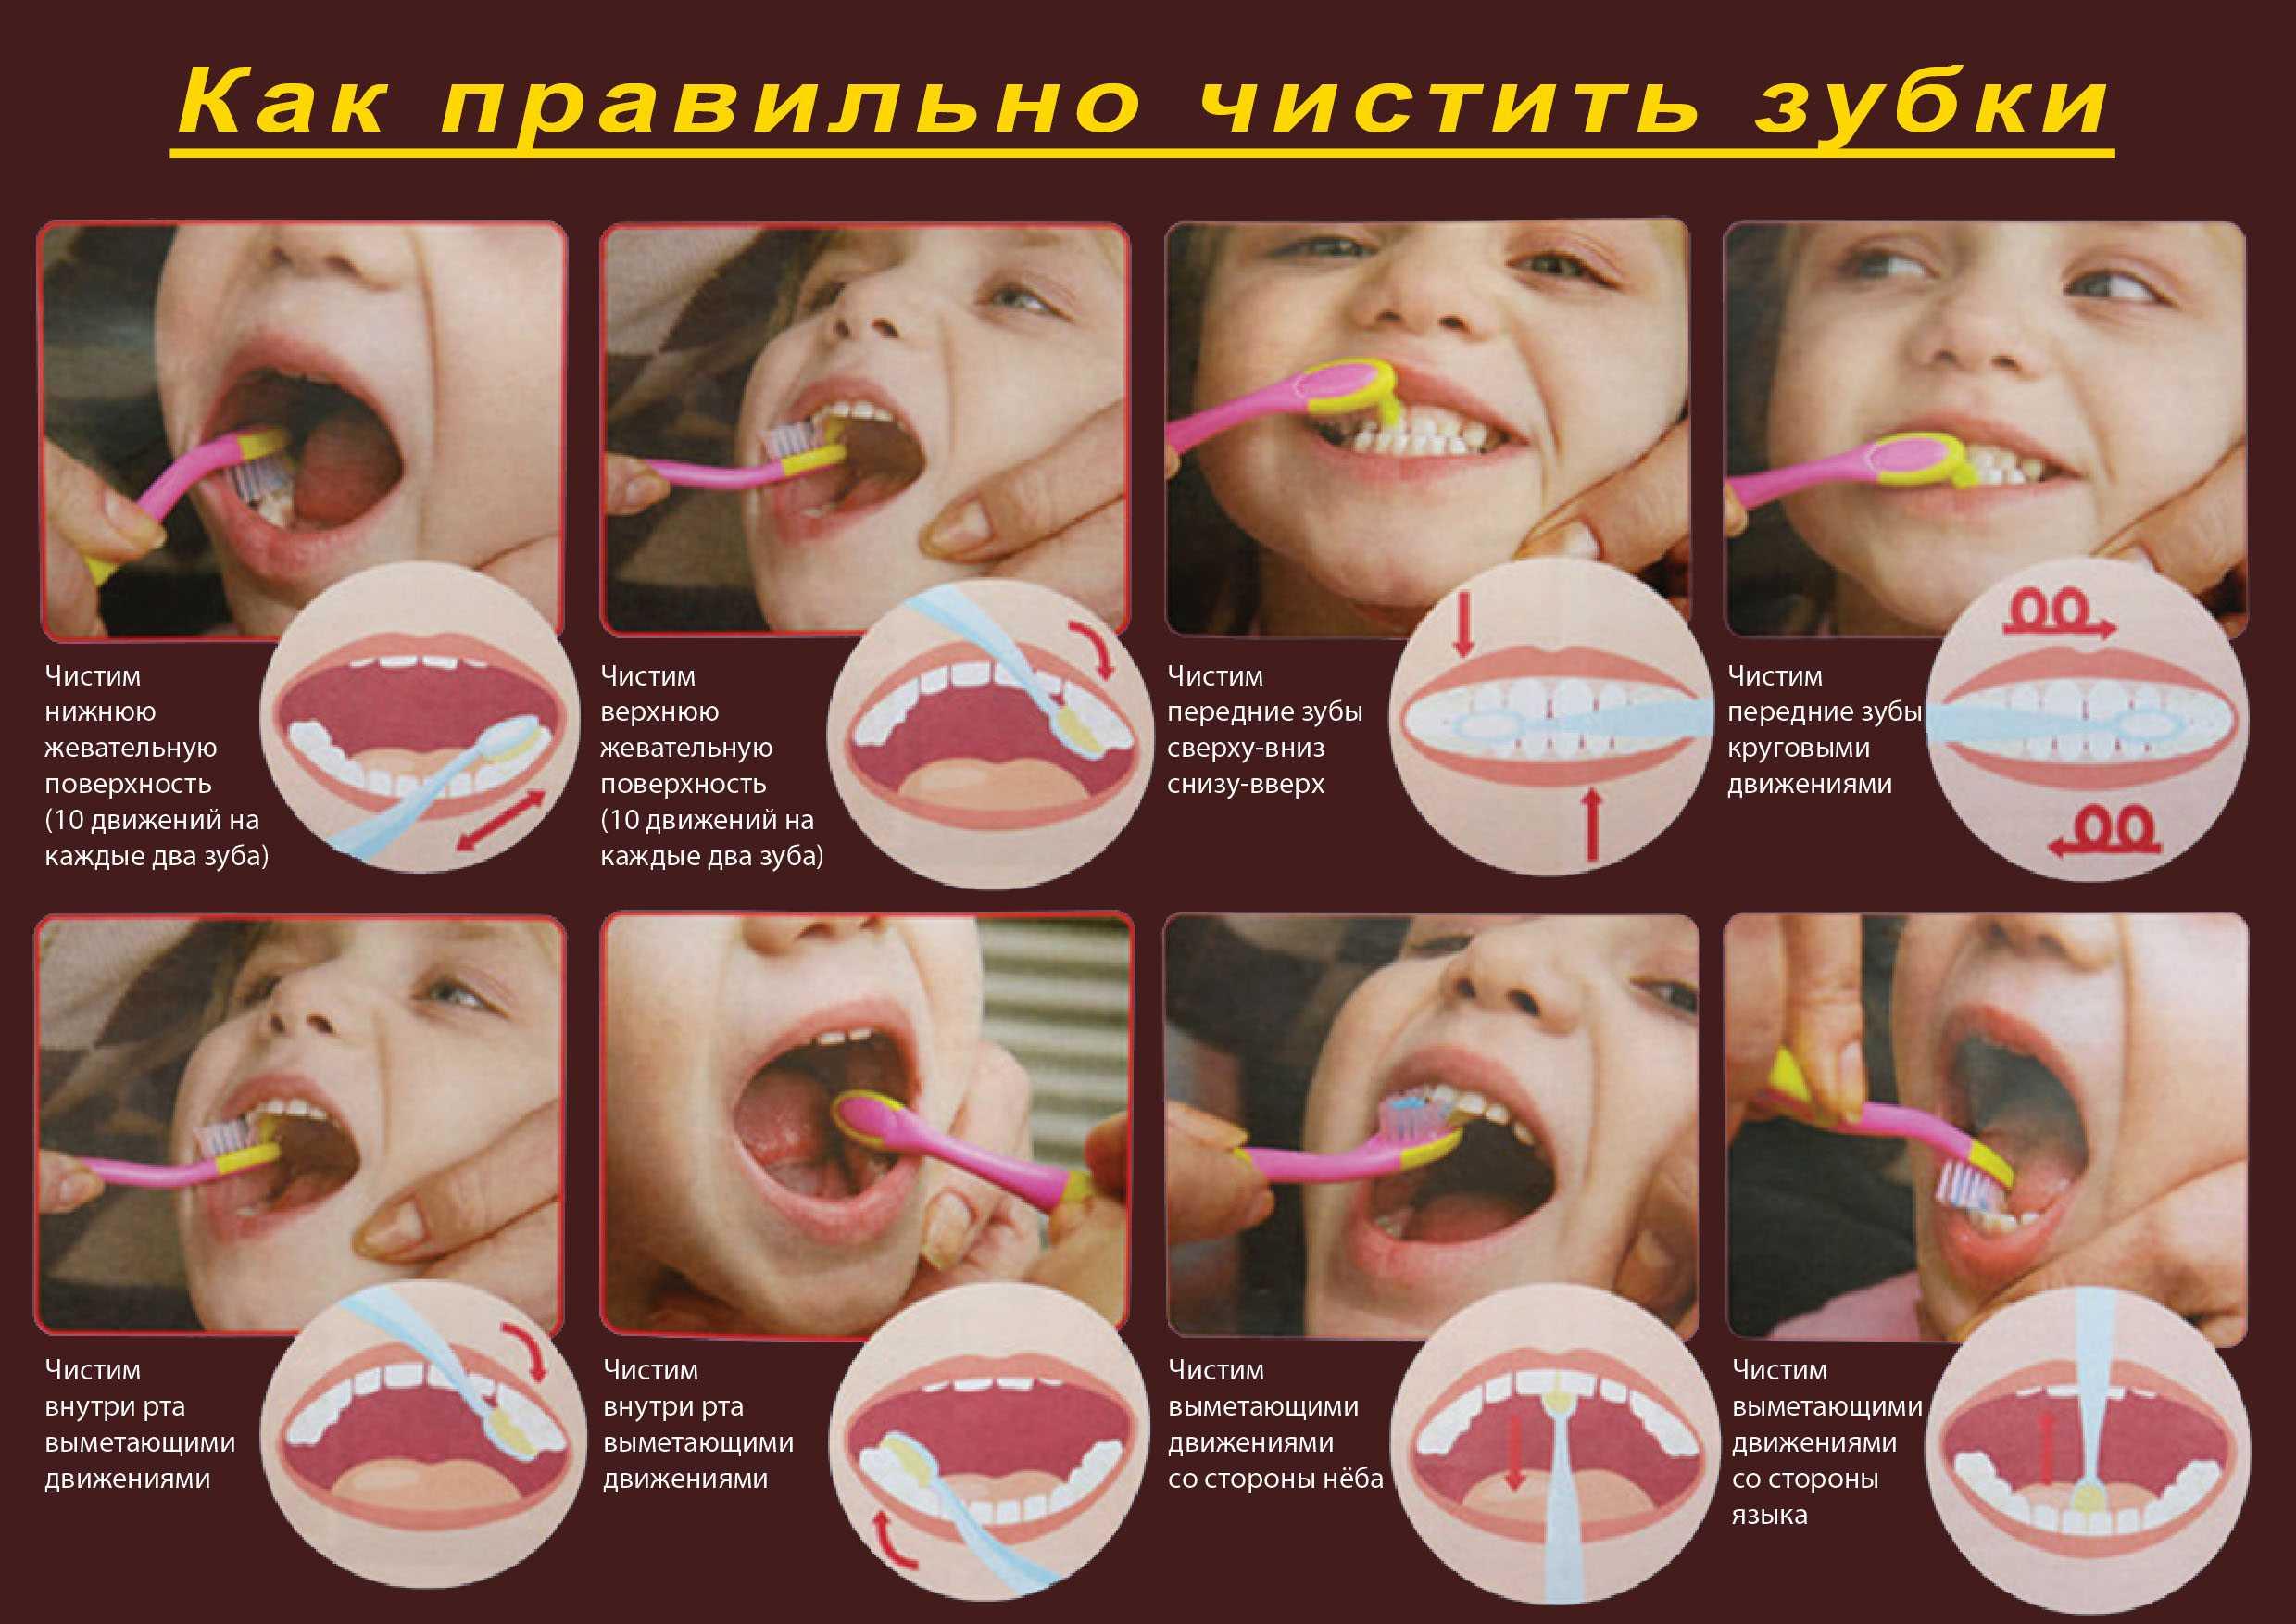 Когда начинать чистить зубы ребенку, какой зубной пастой и какой щеткой